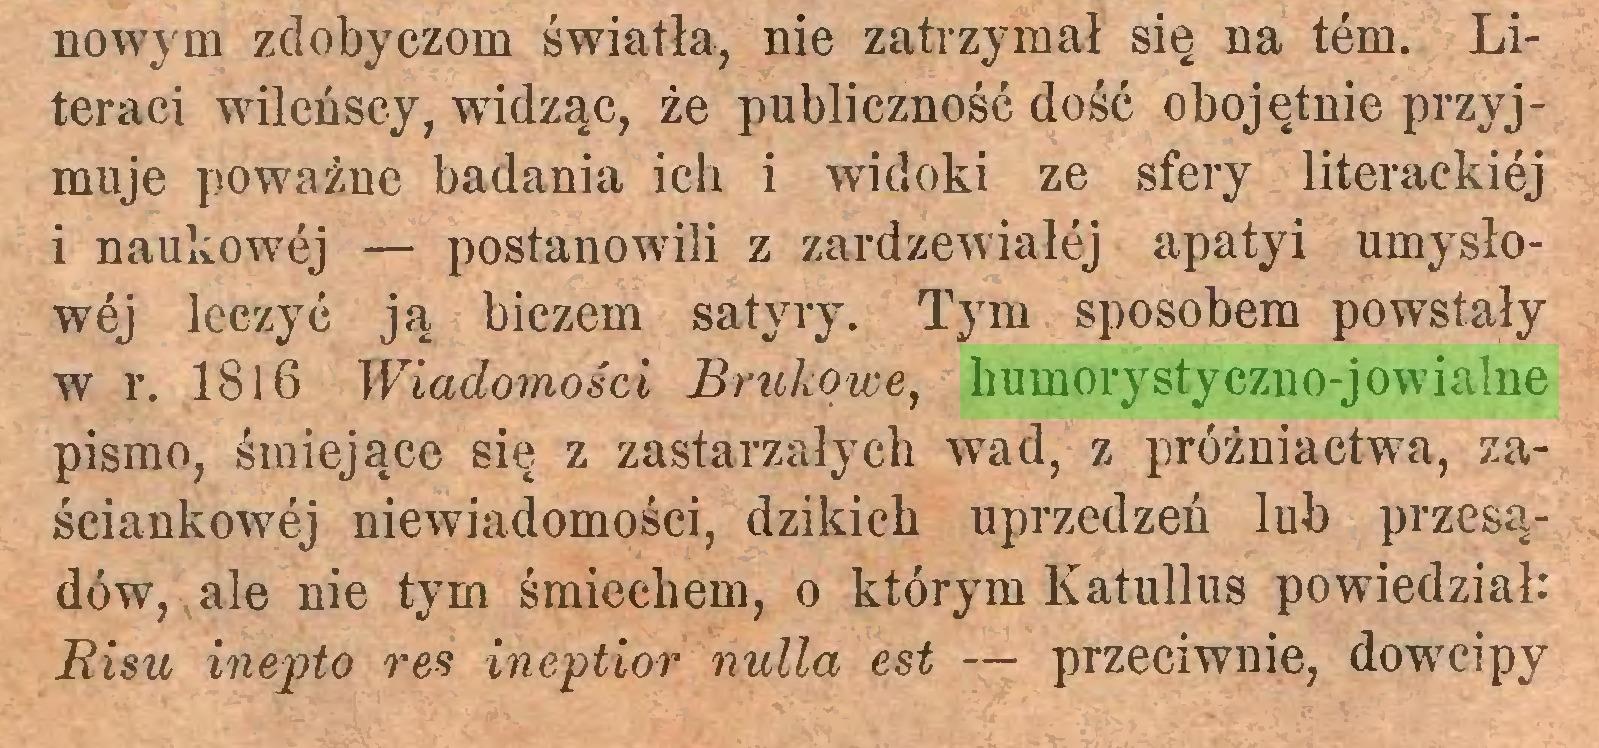 (...) nowym zdobyczom światła, nie zatrzymał się na tem. Literaci wileńscy, widząc, że publiczność dość obojętnie przyjmuje poważne badania ich i widoki ze sfery literackiej i naukowej — postanowili z zardzewiałej apatyi umysłowej leczyć ją biczem satyry. Tym sposobem powstały w r. 1816 Wiadomości Brukowe, humorystyczno-jowialne pismo, śmiejące się z zastarzałych wad, z próżniactwa, zaściankowej niewiadomości, dzikich uprzedzeń lub przesądów, ale nie tym śmiechem, o którym Katullus powiedział: Bisu inepto res ineptior nulla est — przeciwnie, dowcipy...